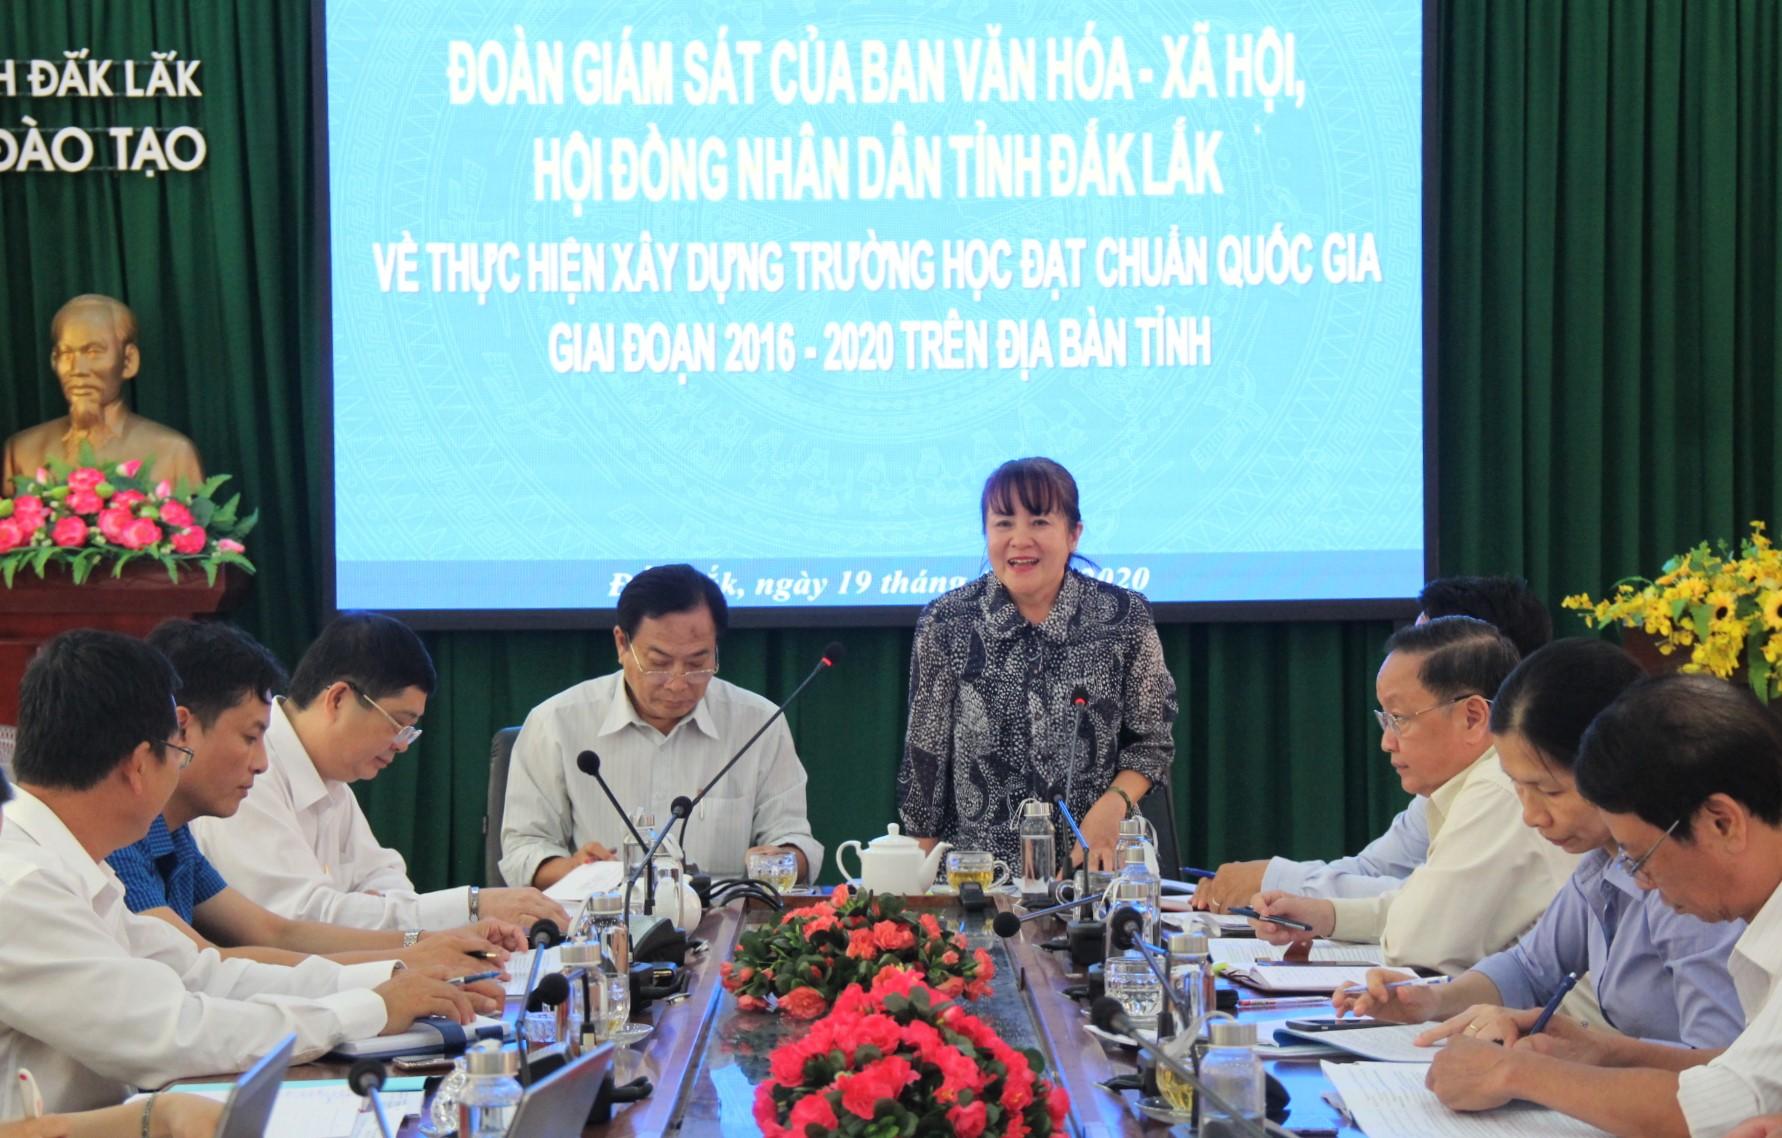 Giám sát việc xây dựng trường học đạt chuẩn quốc gia trên địa bàn tỉnh Đắk Lắk